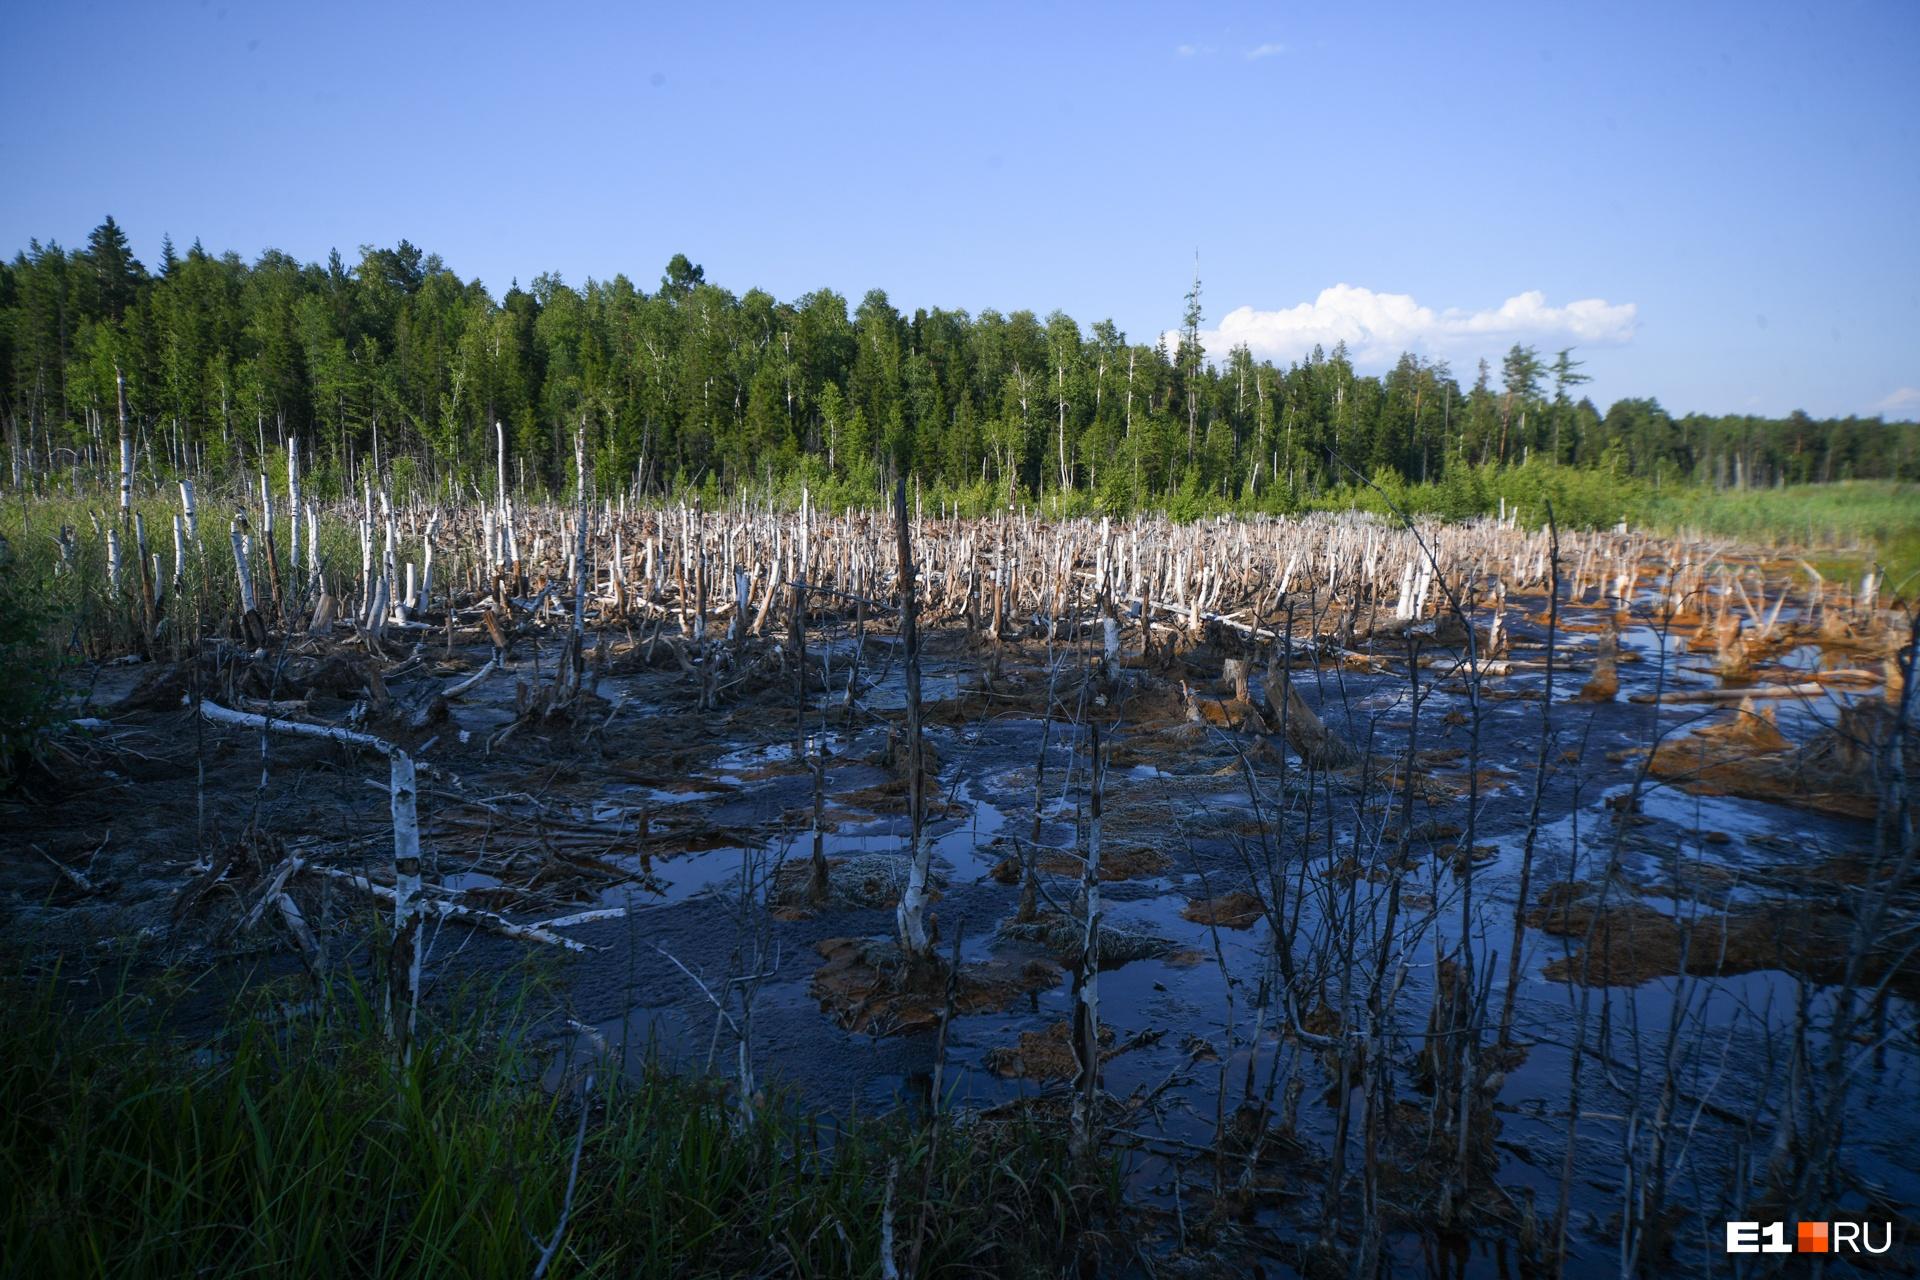 Из пруда-отстойника шахтные воды с известью стекают в реку Тагил. За долгие годы они выжгли гигантскую плешь в лесу